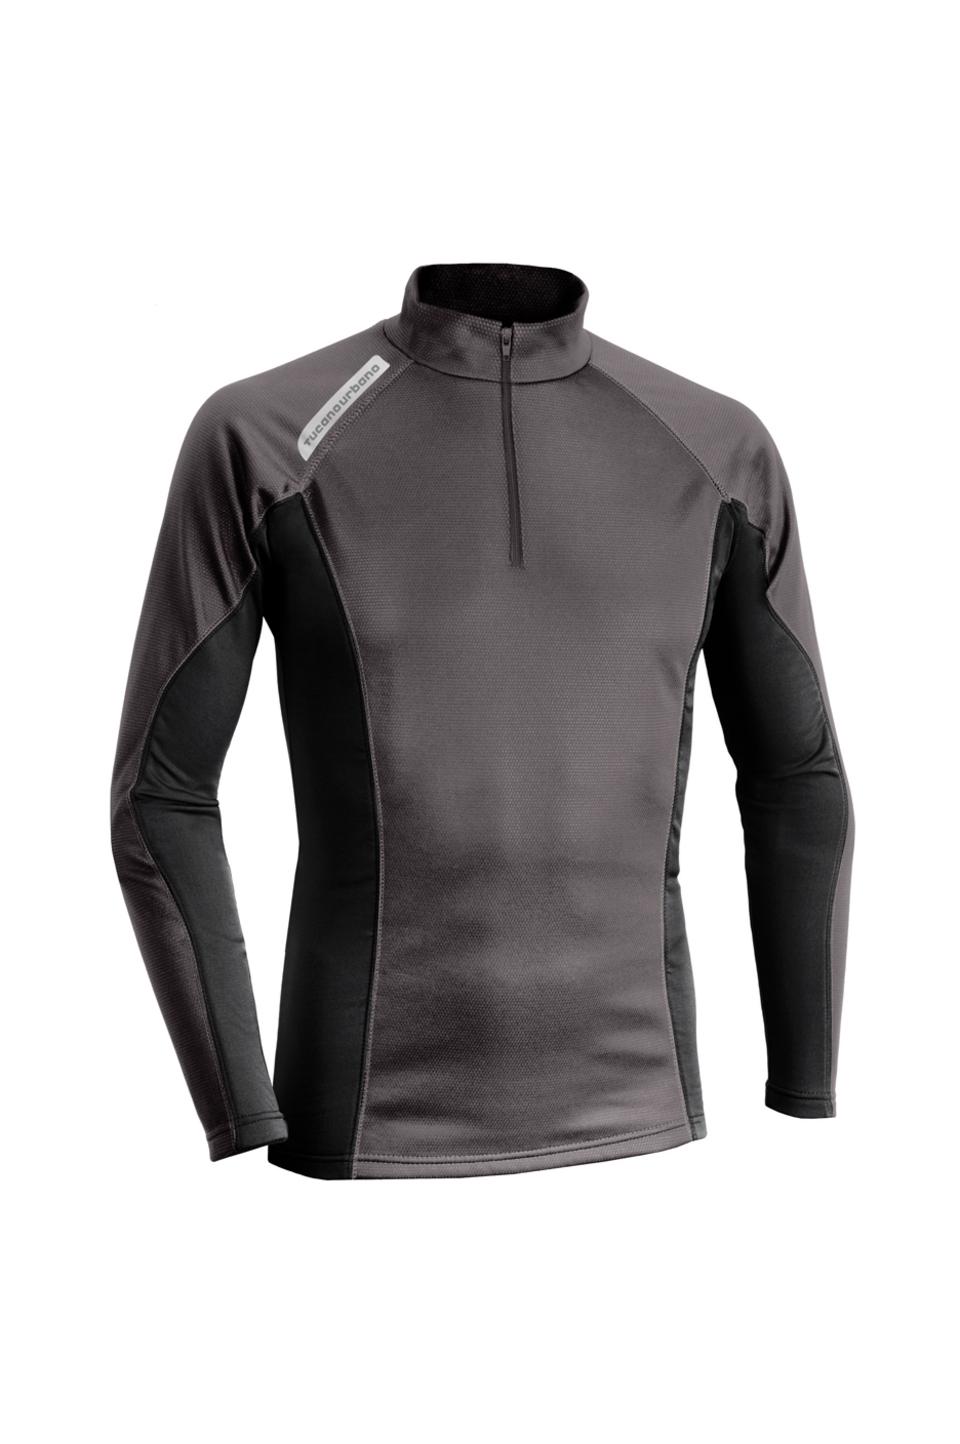 290325729a9f Szélálló,motoros alsóruházat 6678,aláöltöző(hosszú ujjú póló) - PowerBike  motorosbolt és szerviz webshopja